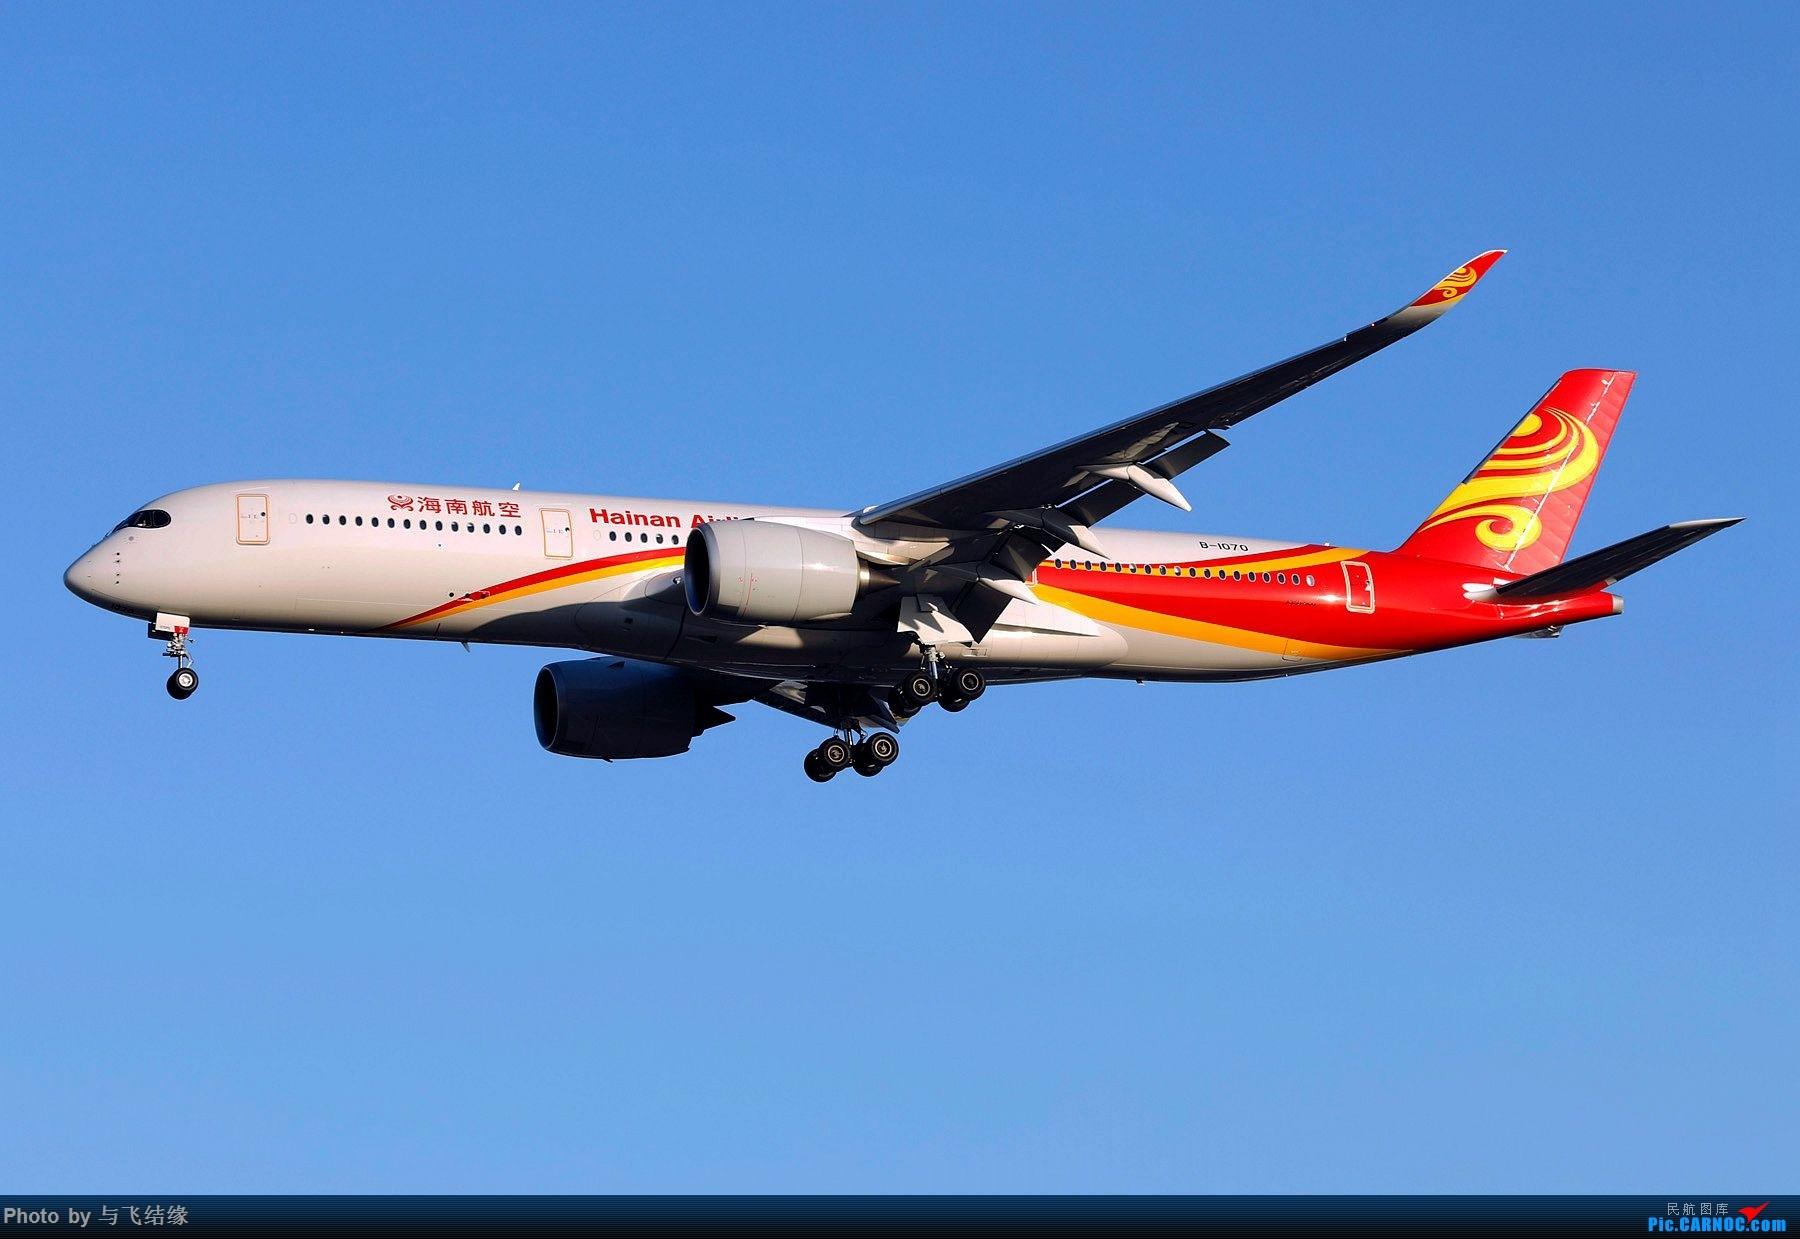 Re:[原创]今日是周末,月末,年末2018年最后一贴,预祝朋友们2019年新年快乐!万事如意! AIRBUS A350-900 B-1070 中国北京首都国际机场